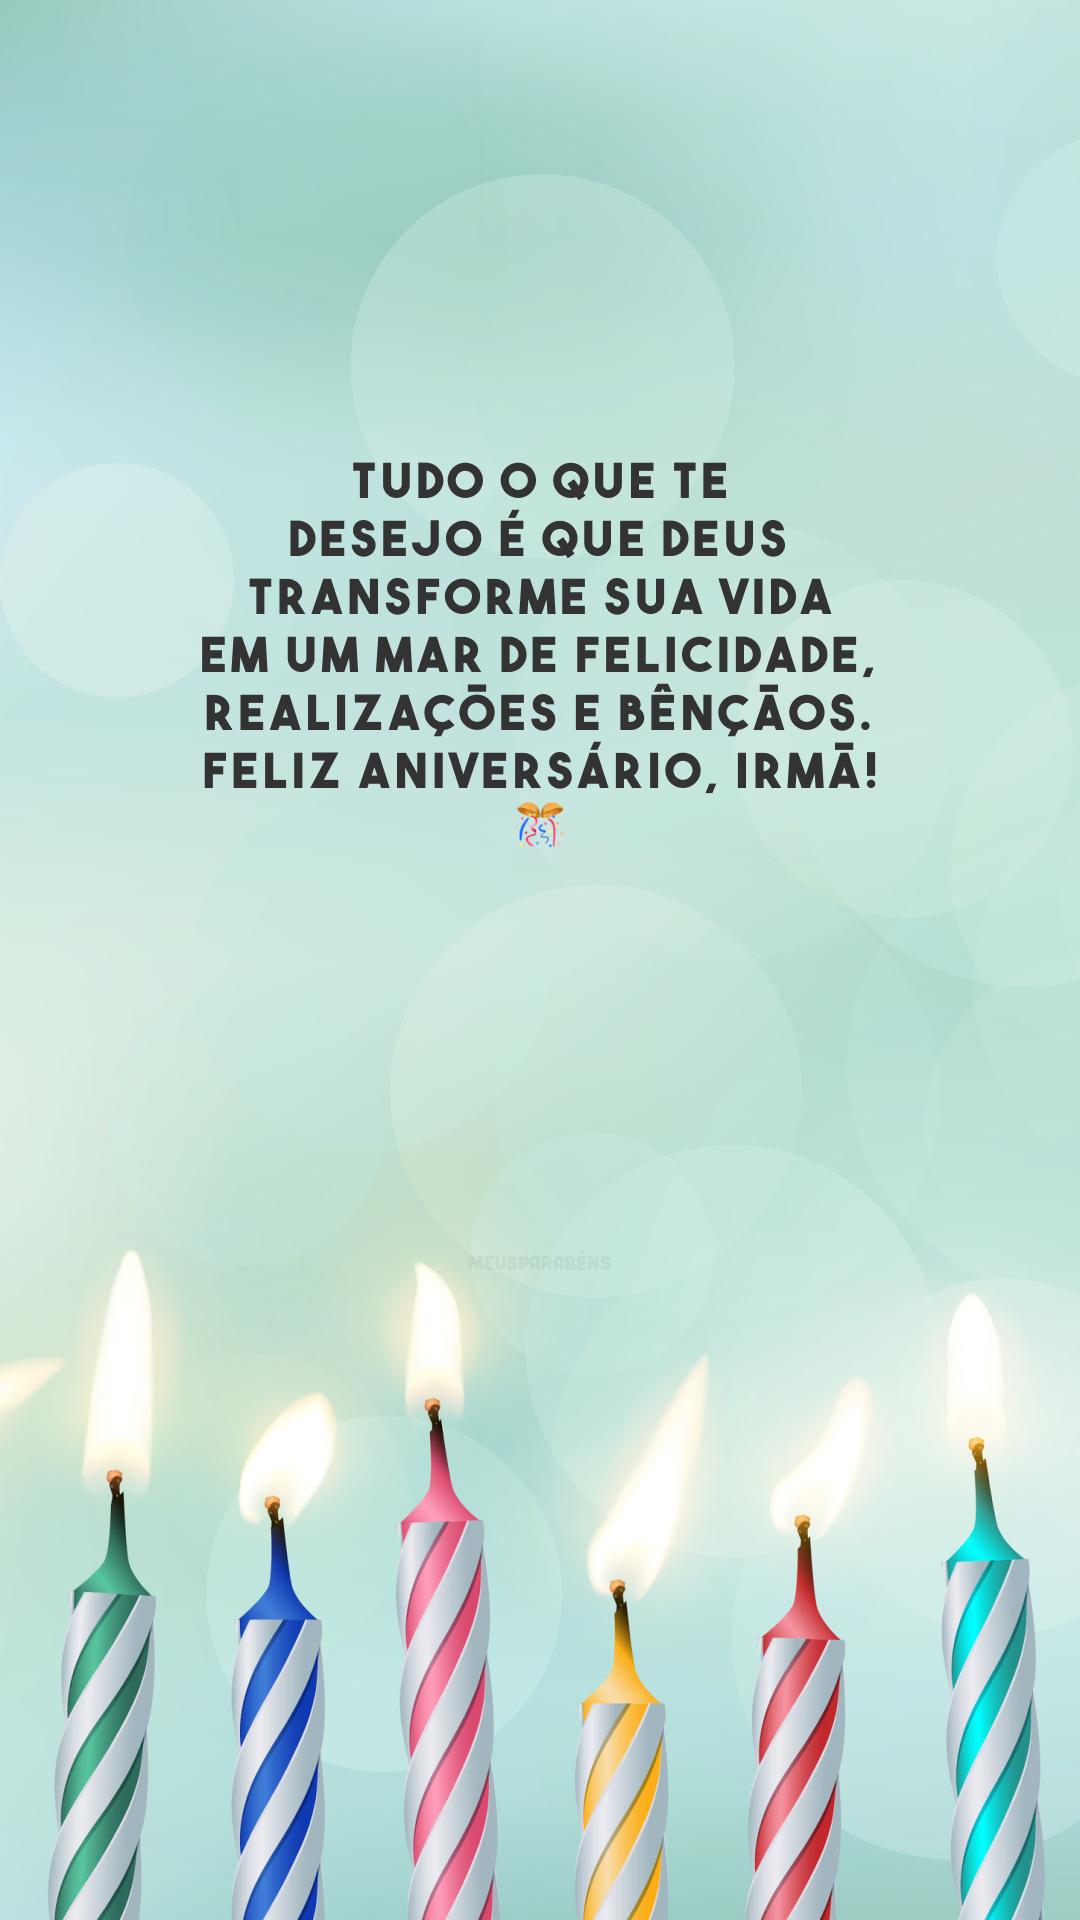 Tudo o que te desejo é que Deus transforme sua vida em um mar de felicidade, realizações e bênçãos. Feliz aniversário, irmã! 🎊